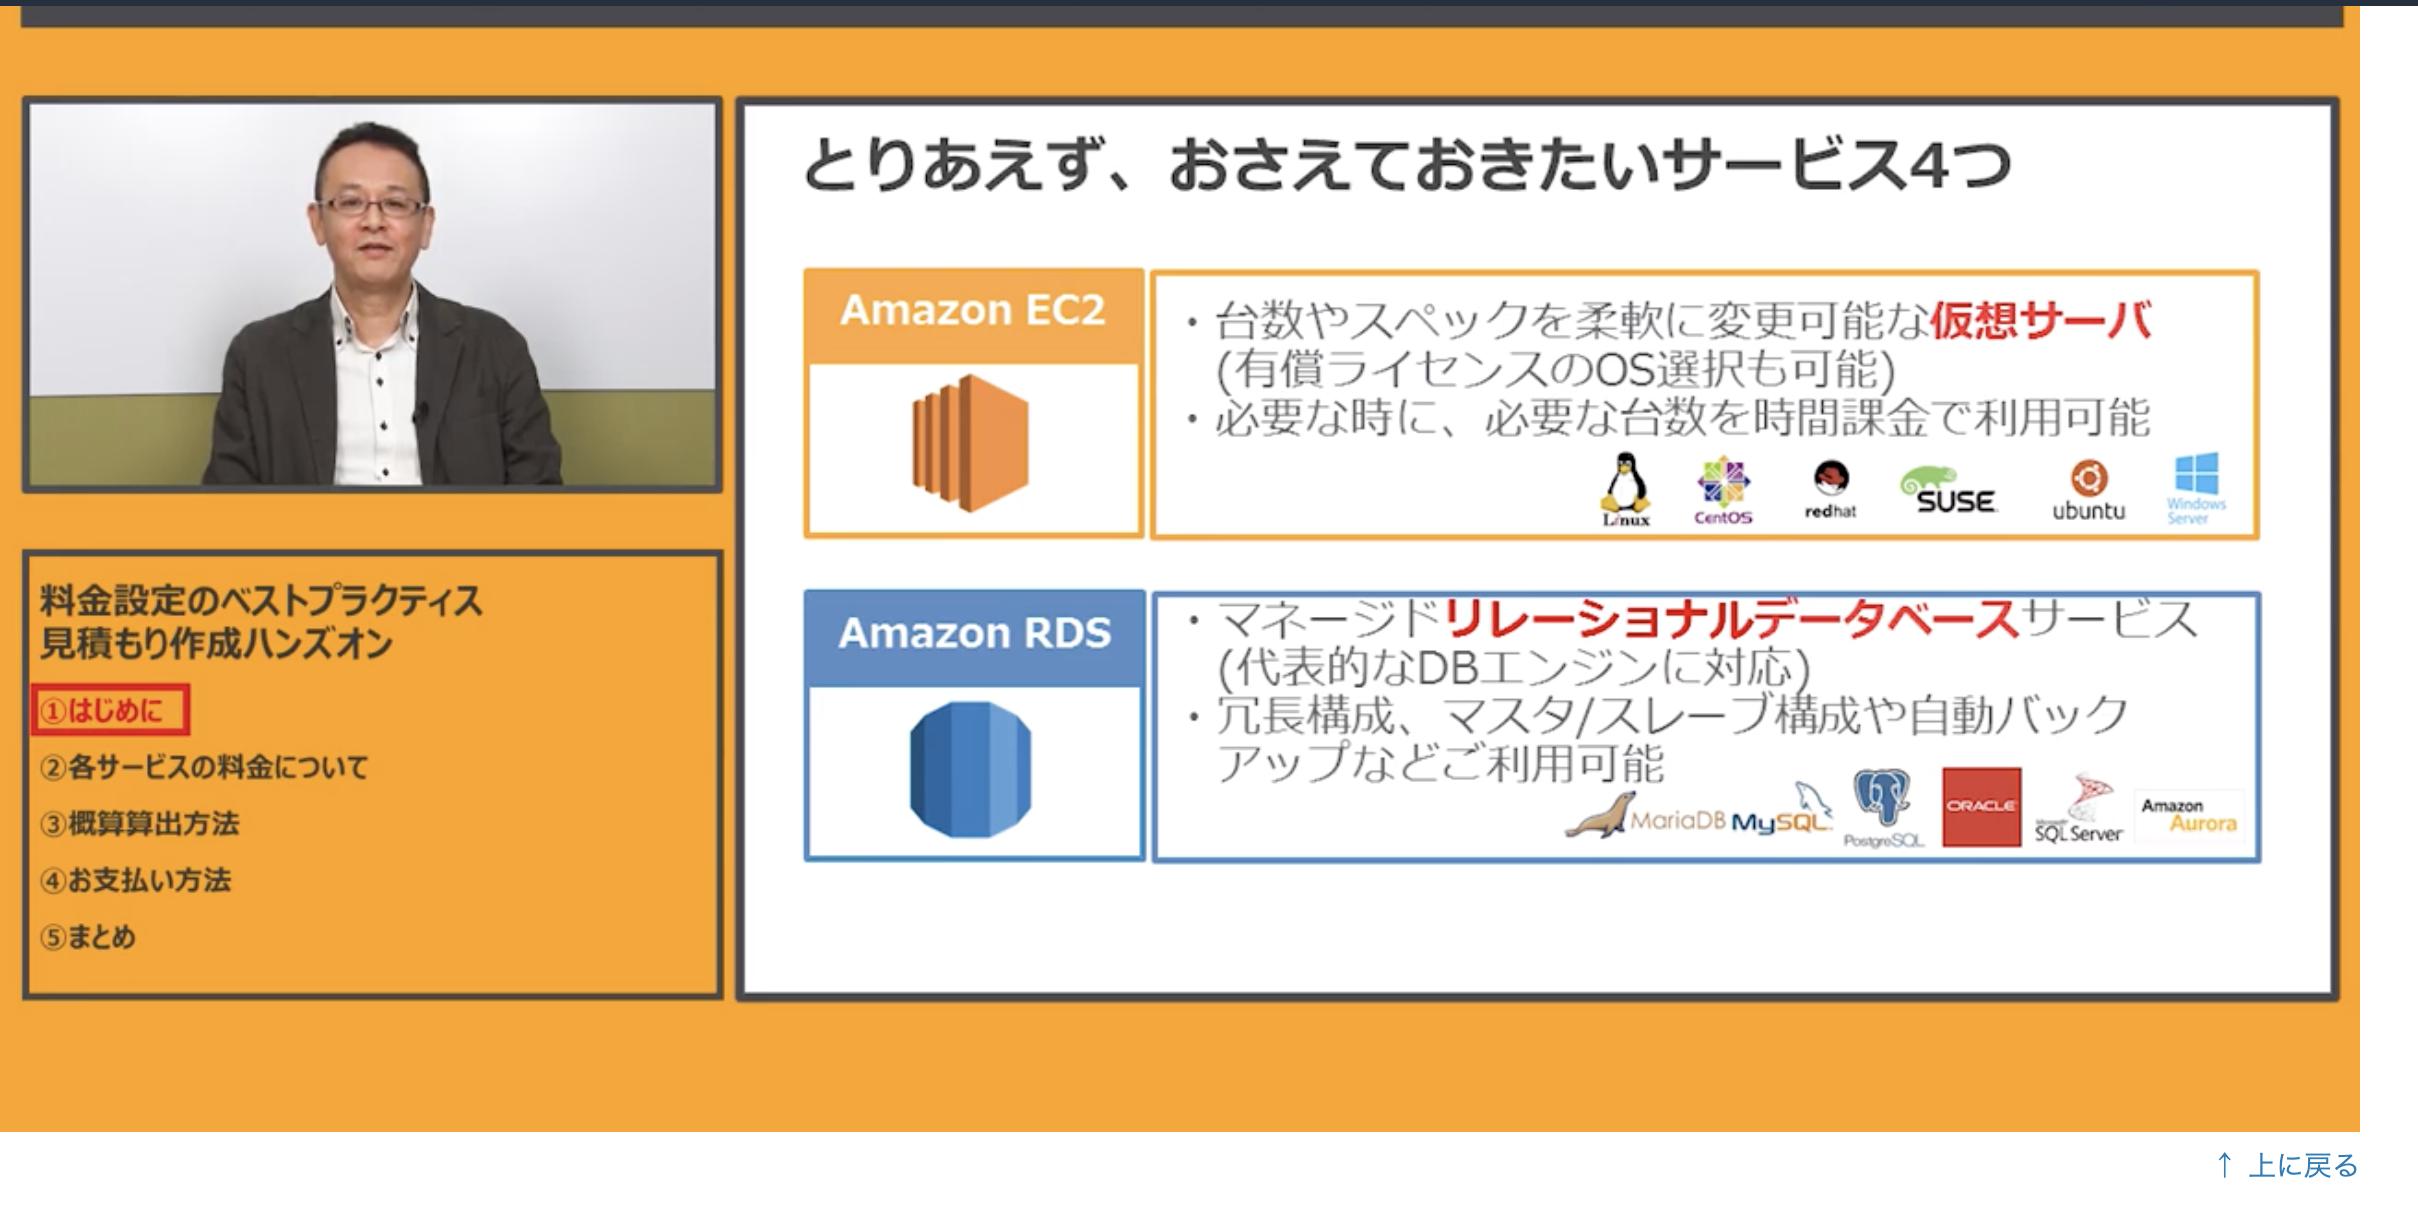 ほぼ月額固定として考えやすいAWSサービス(EC2、RDS)